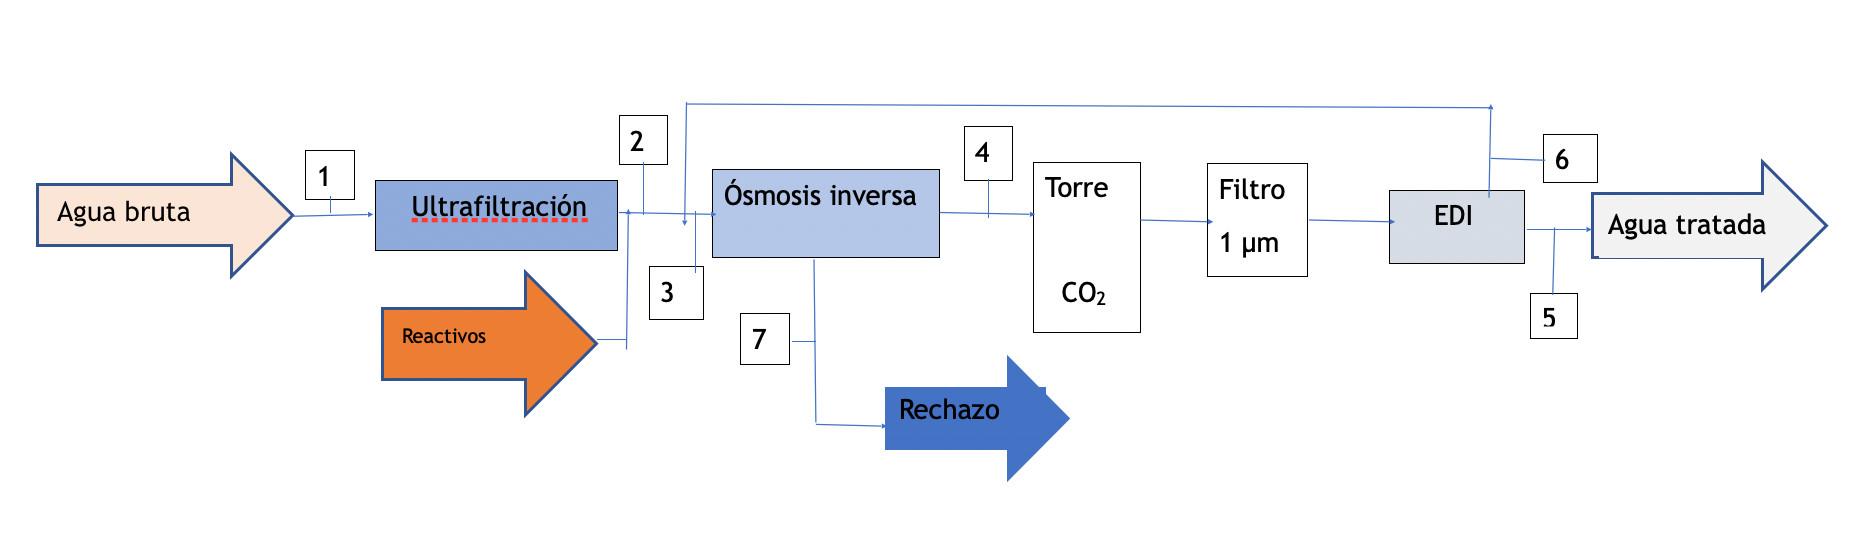 edi-diagram-2-es